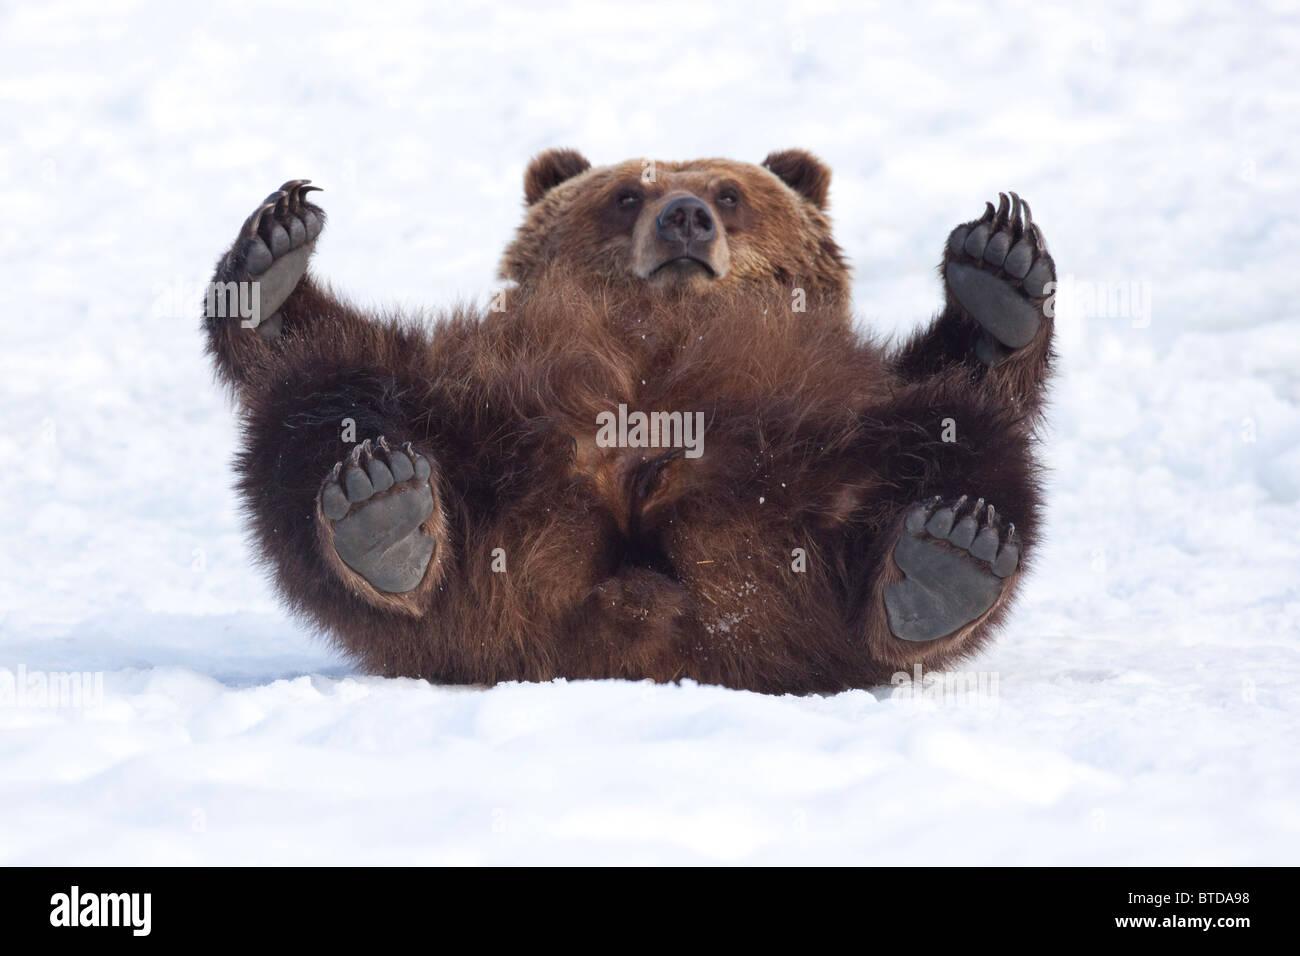 Una hembra adulta de oso pardo rollos en la nieve y mira hacia la cámara mientras se sientan sobre su espalda, Imagen De Stock